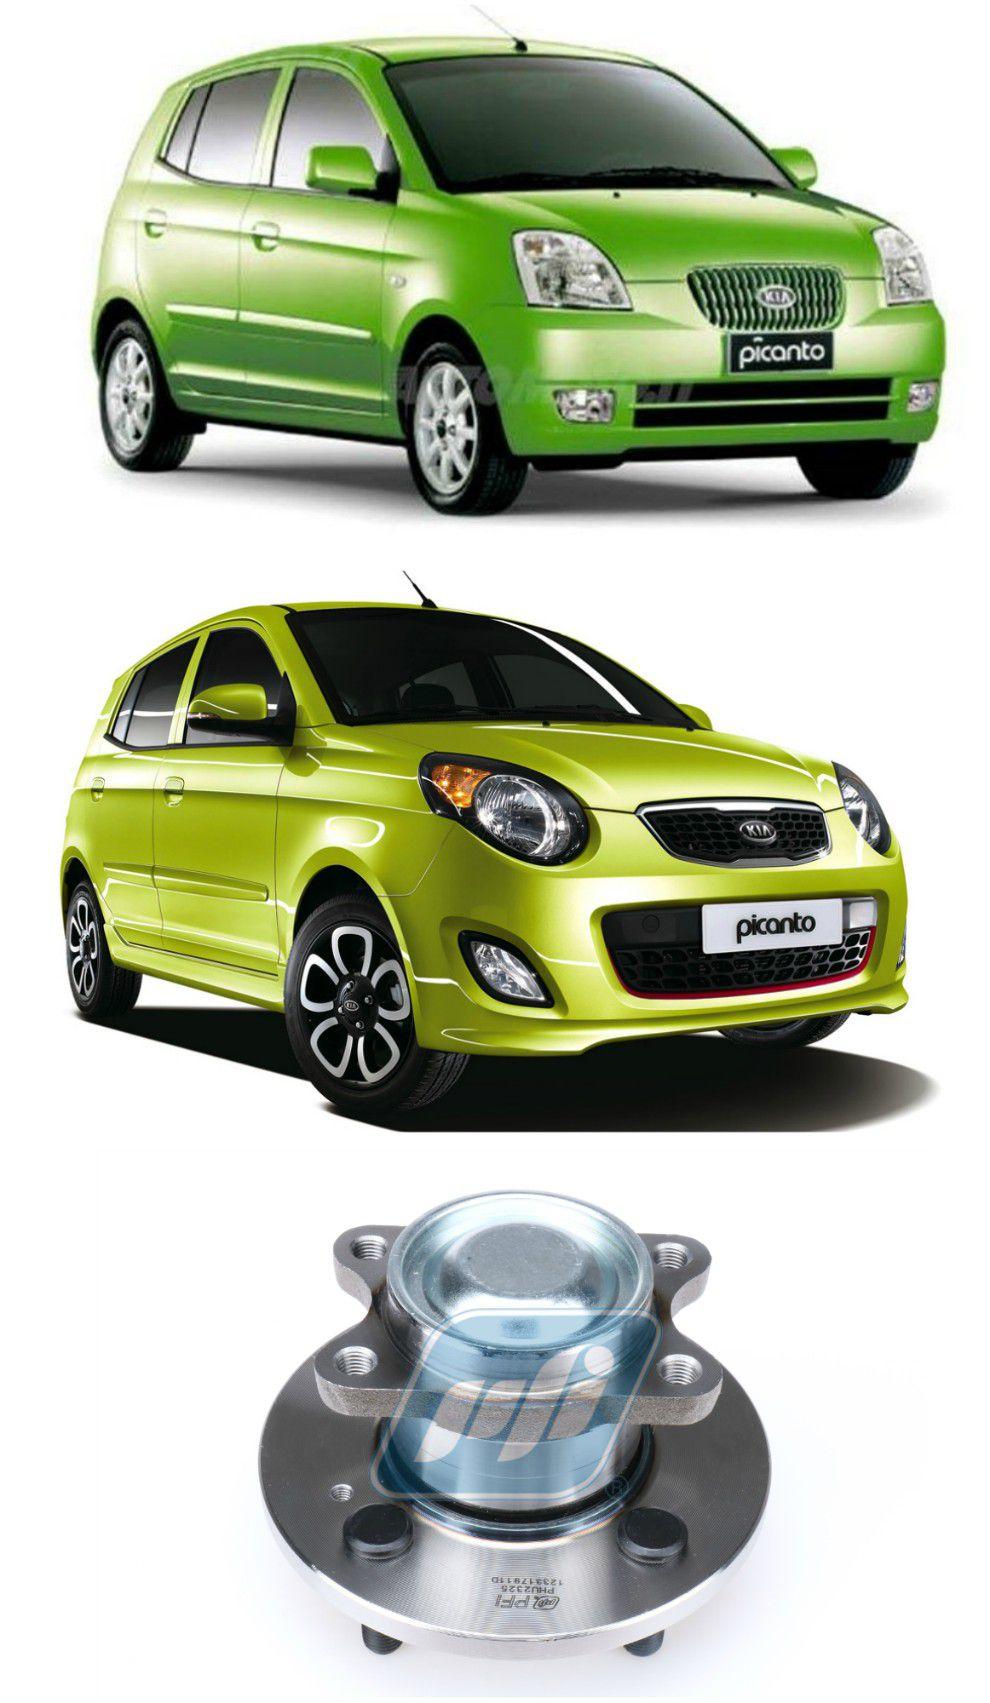 Cubo de Roda Traseira KIA Picanto 2005-2011, sem ABS